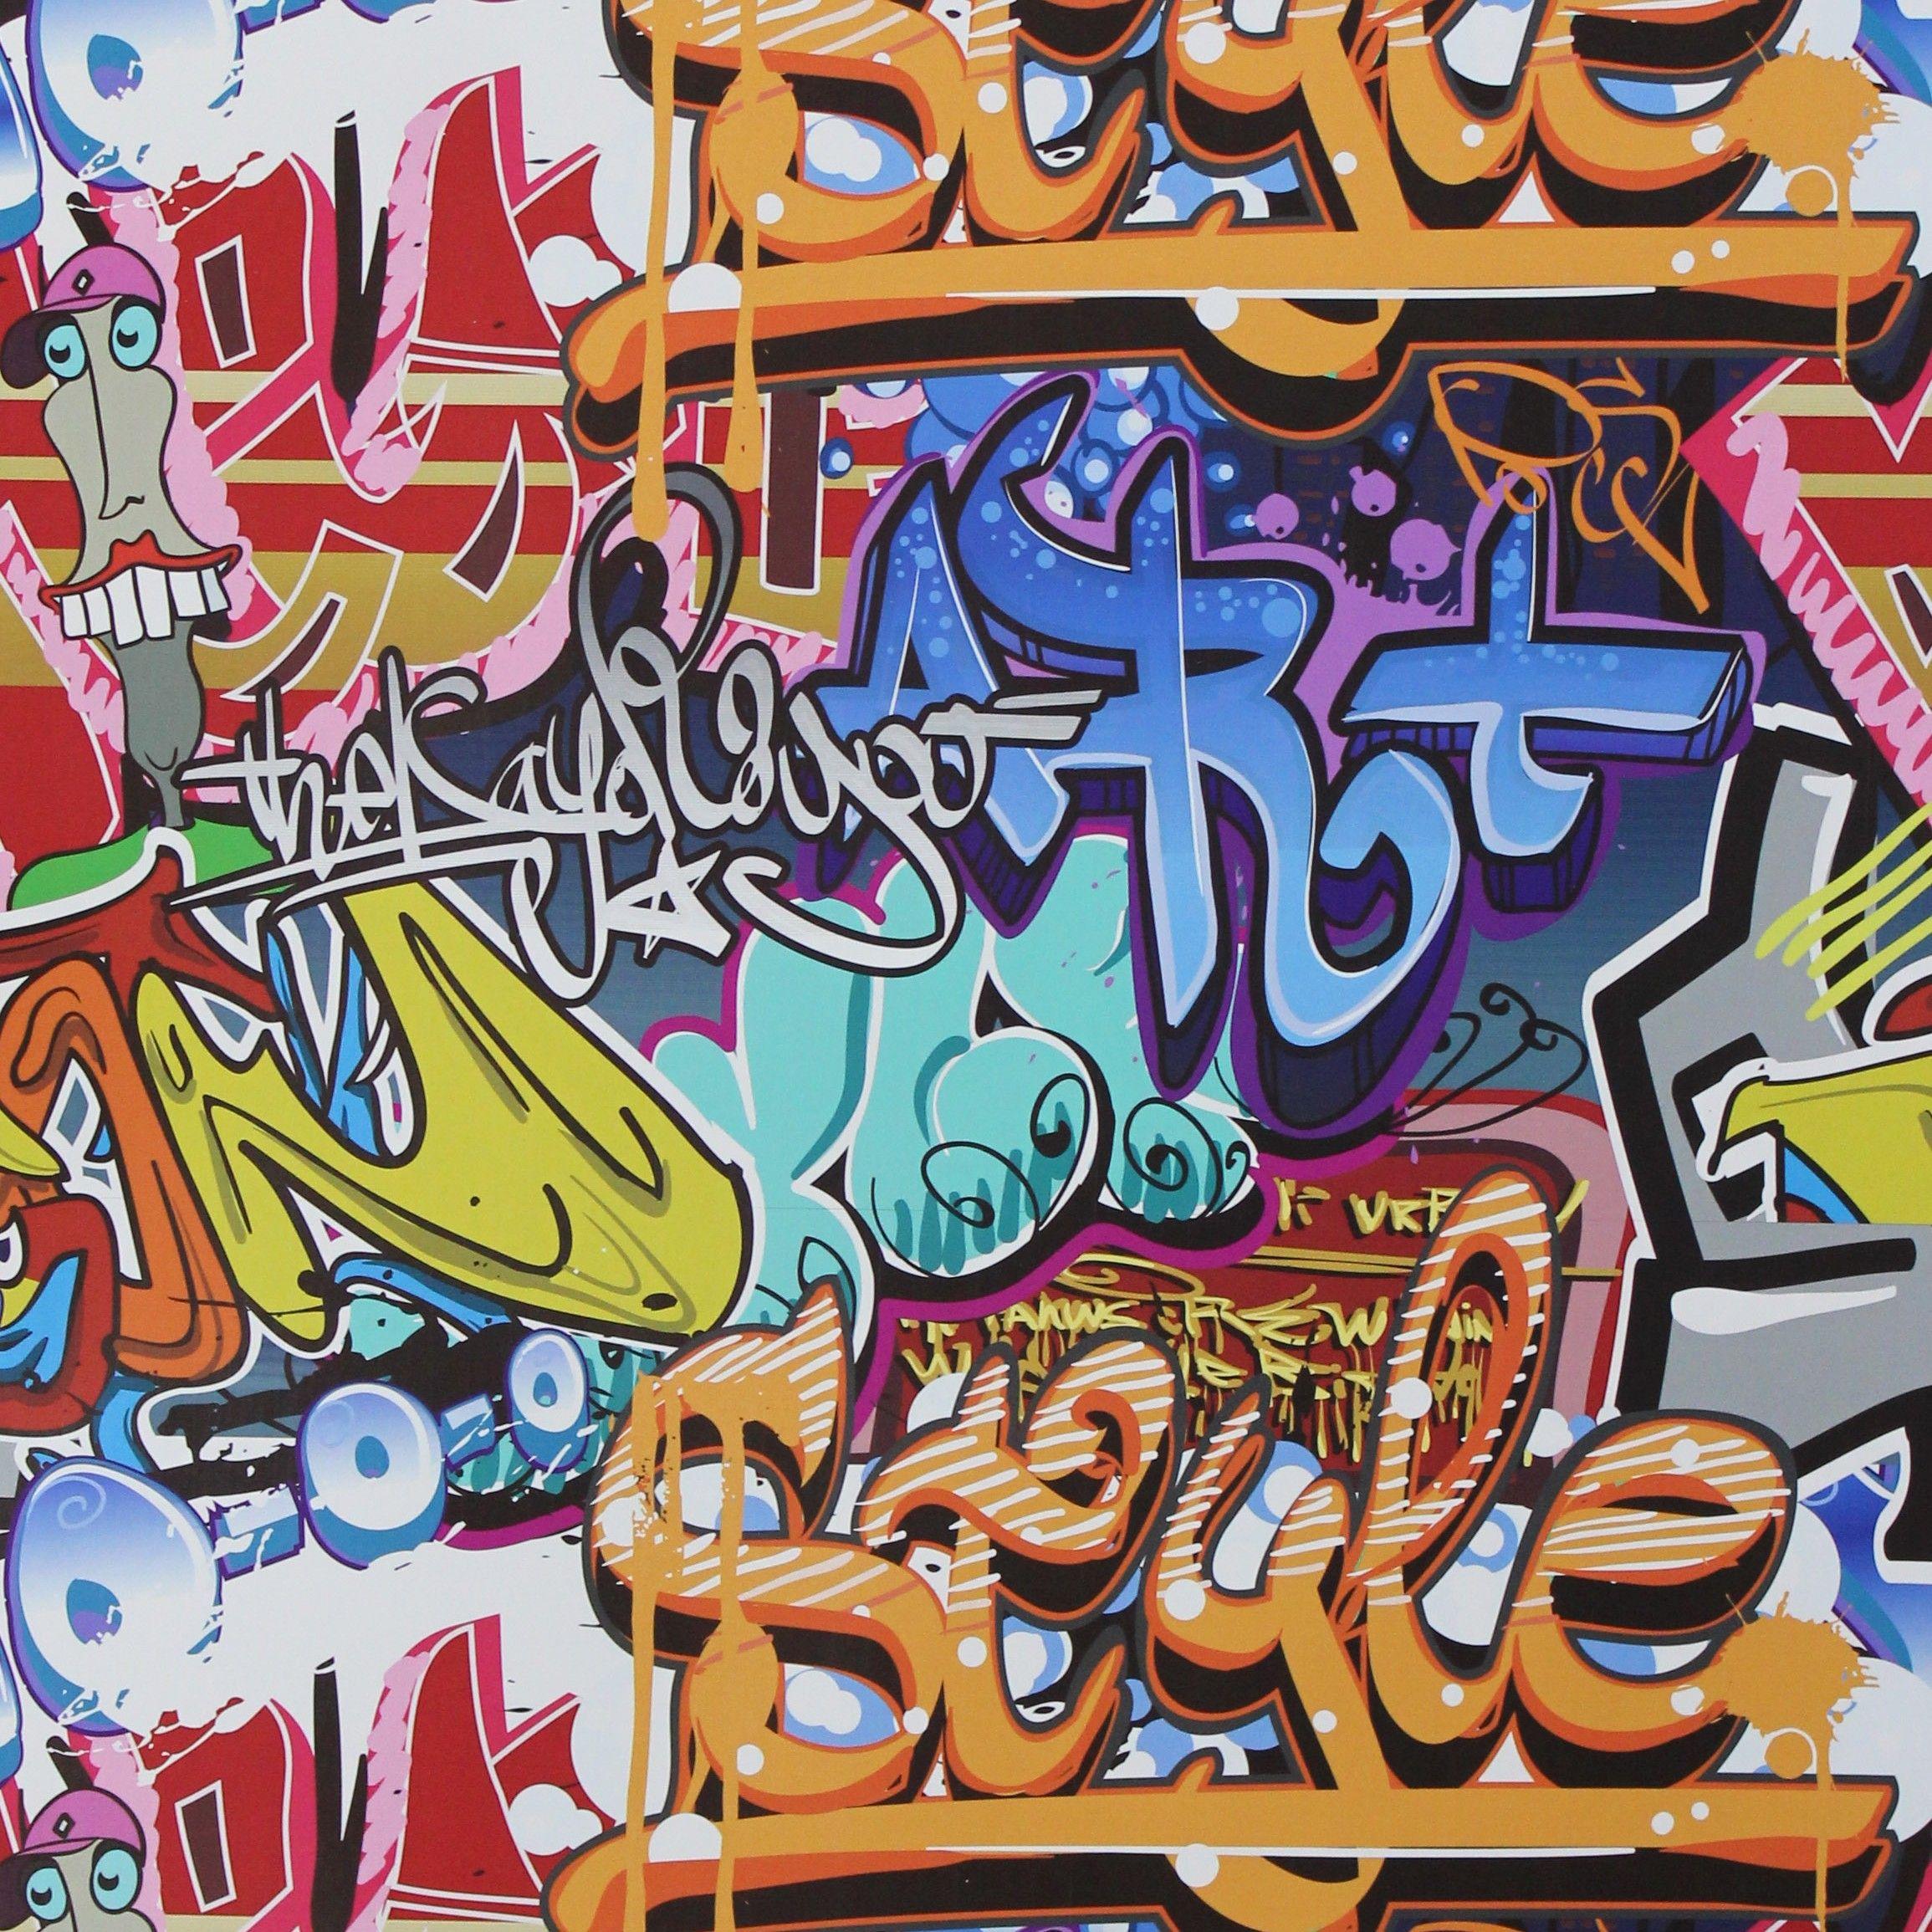 Papel De Parede Grafite 003 Decoracao Jpg 2310 2310 Texturas  ~ Papel De Parede Grafite Para Quarto